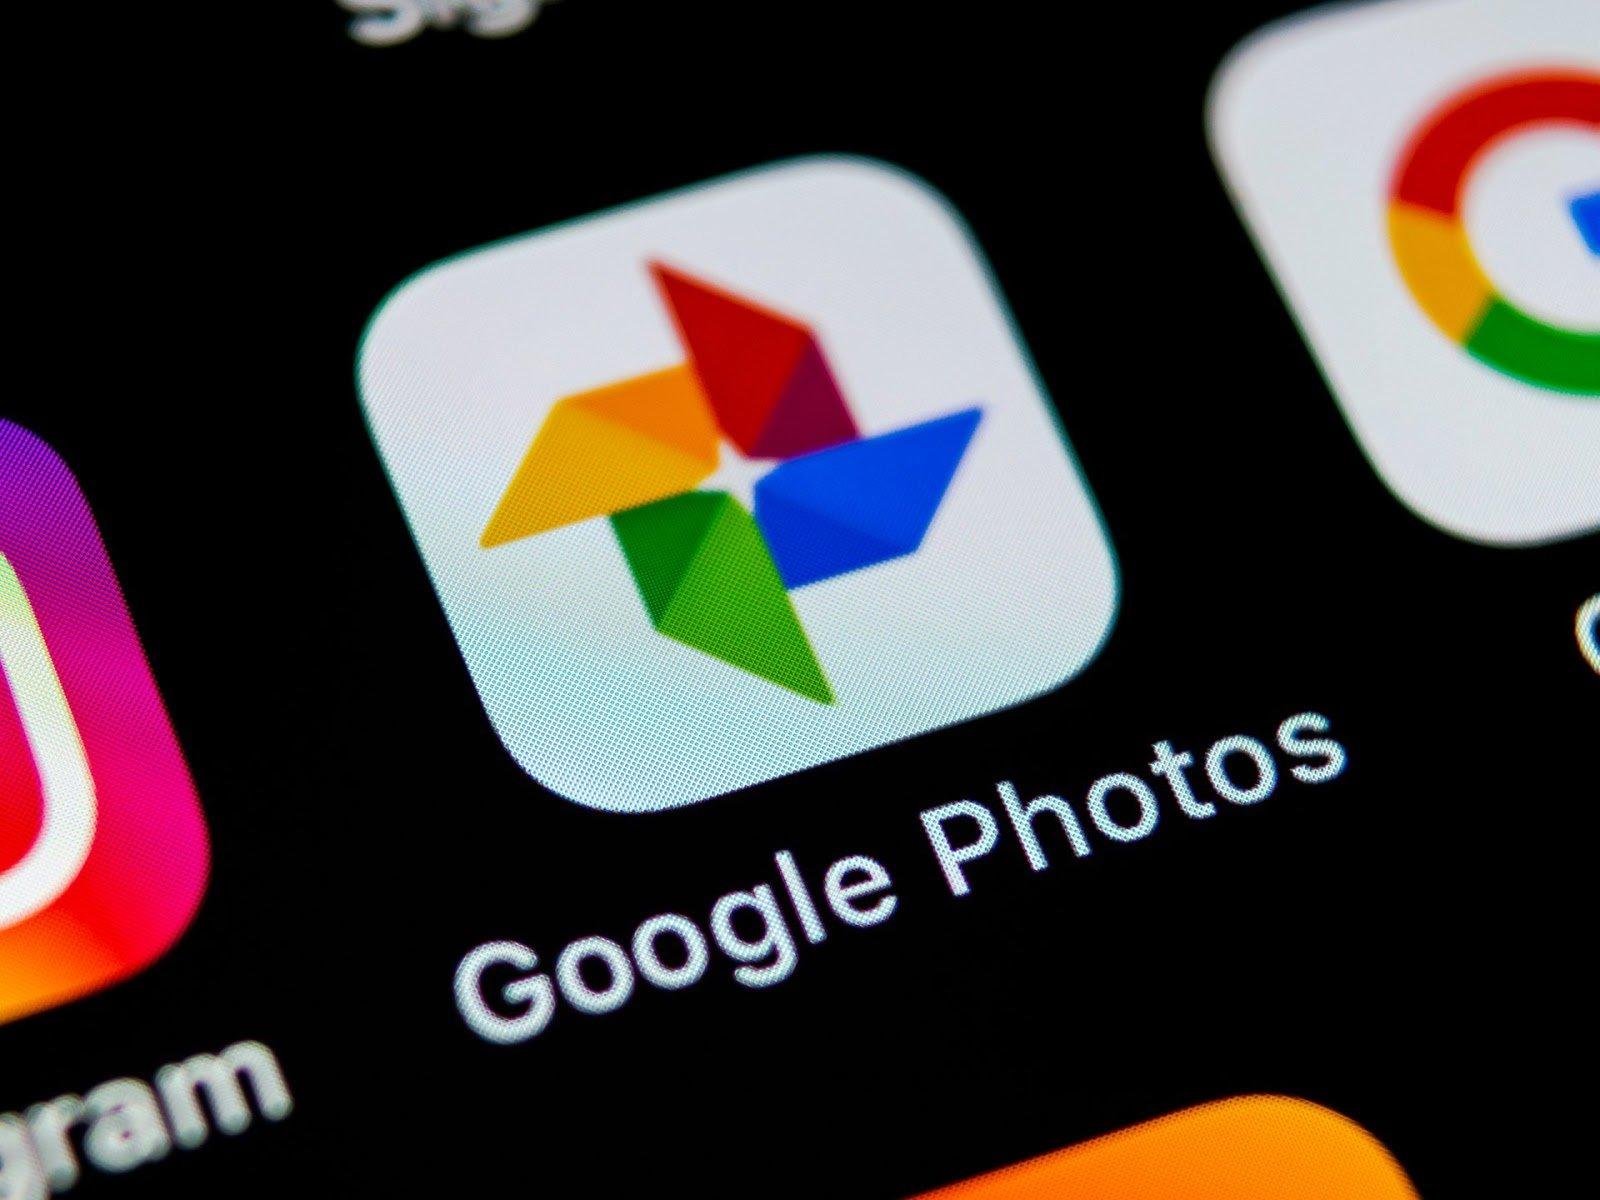 Google Photos научился распознавать текст на фото